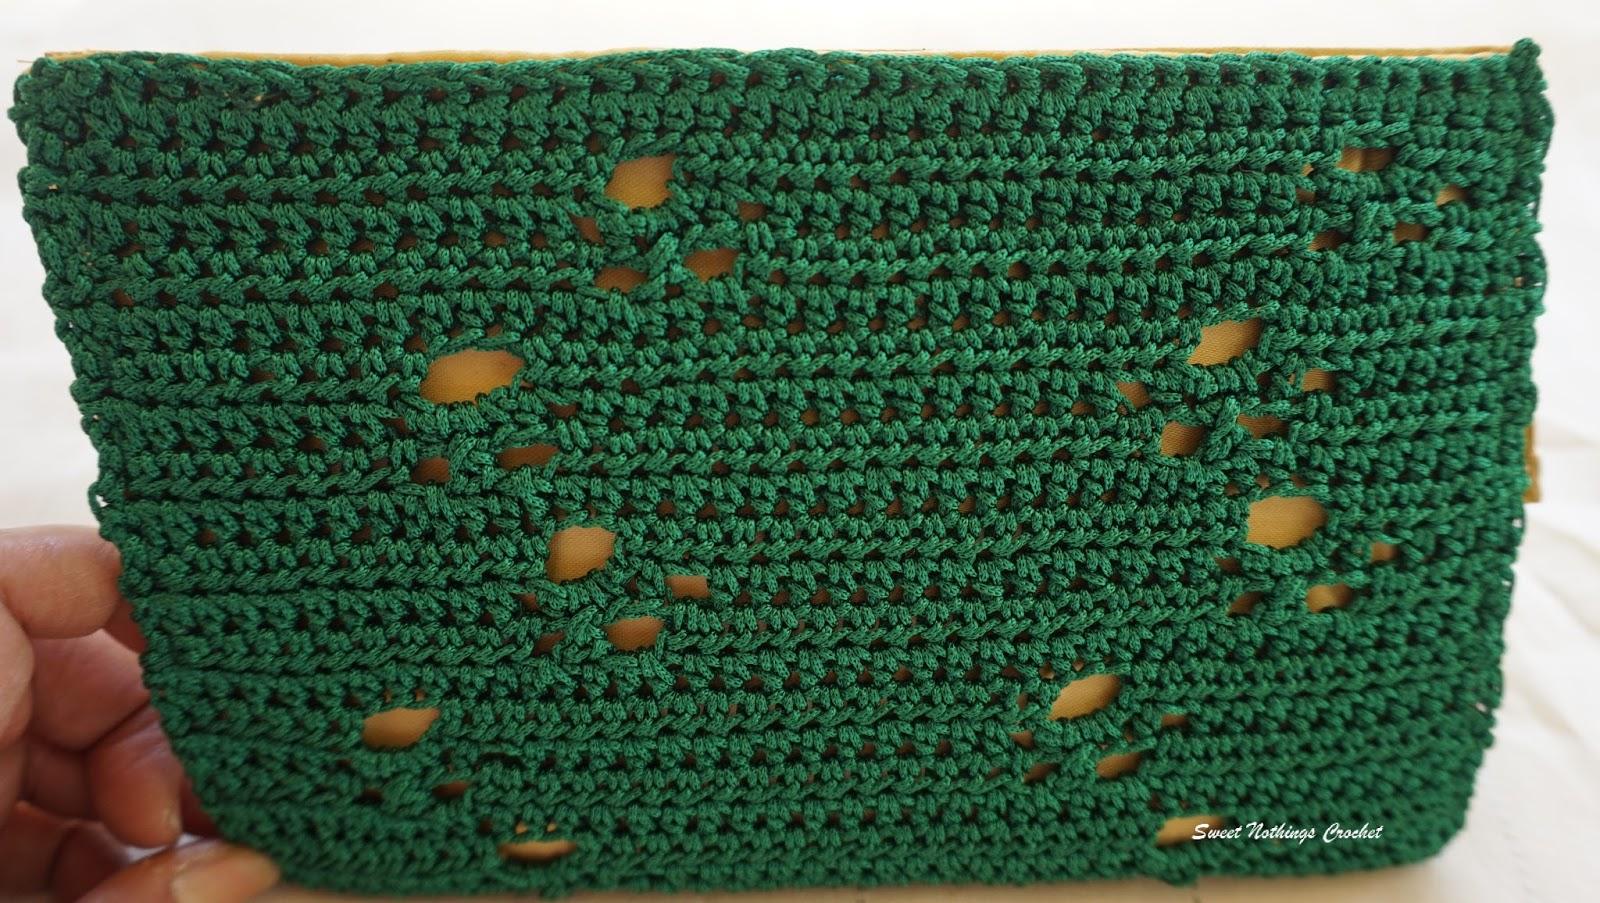 Sweet Nothings Crochet: PAWZ CLUTCH PURSE